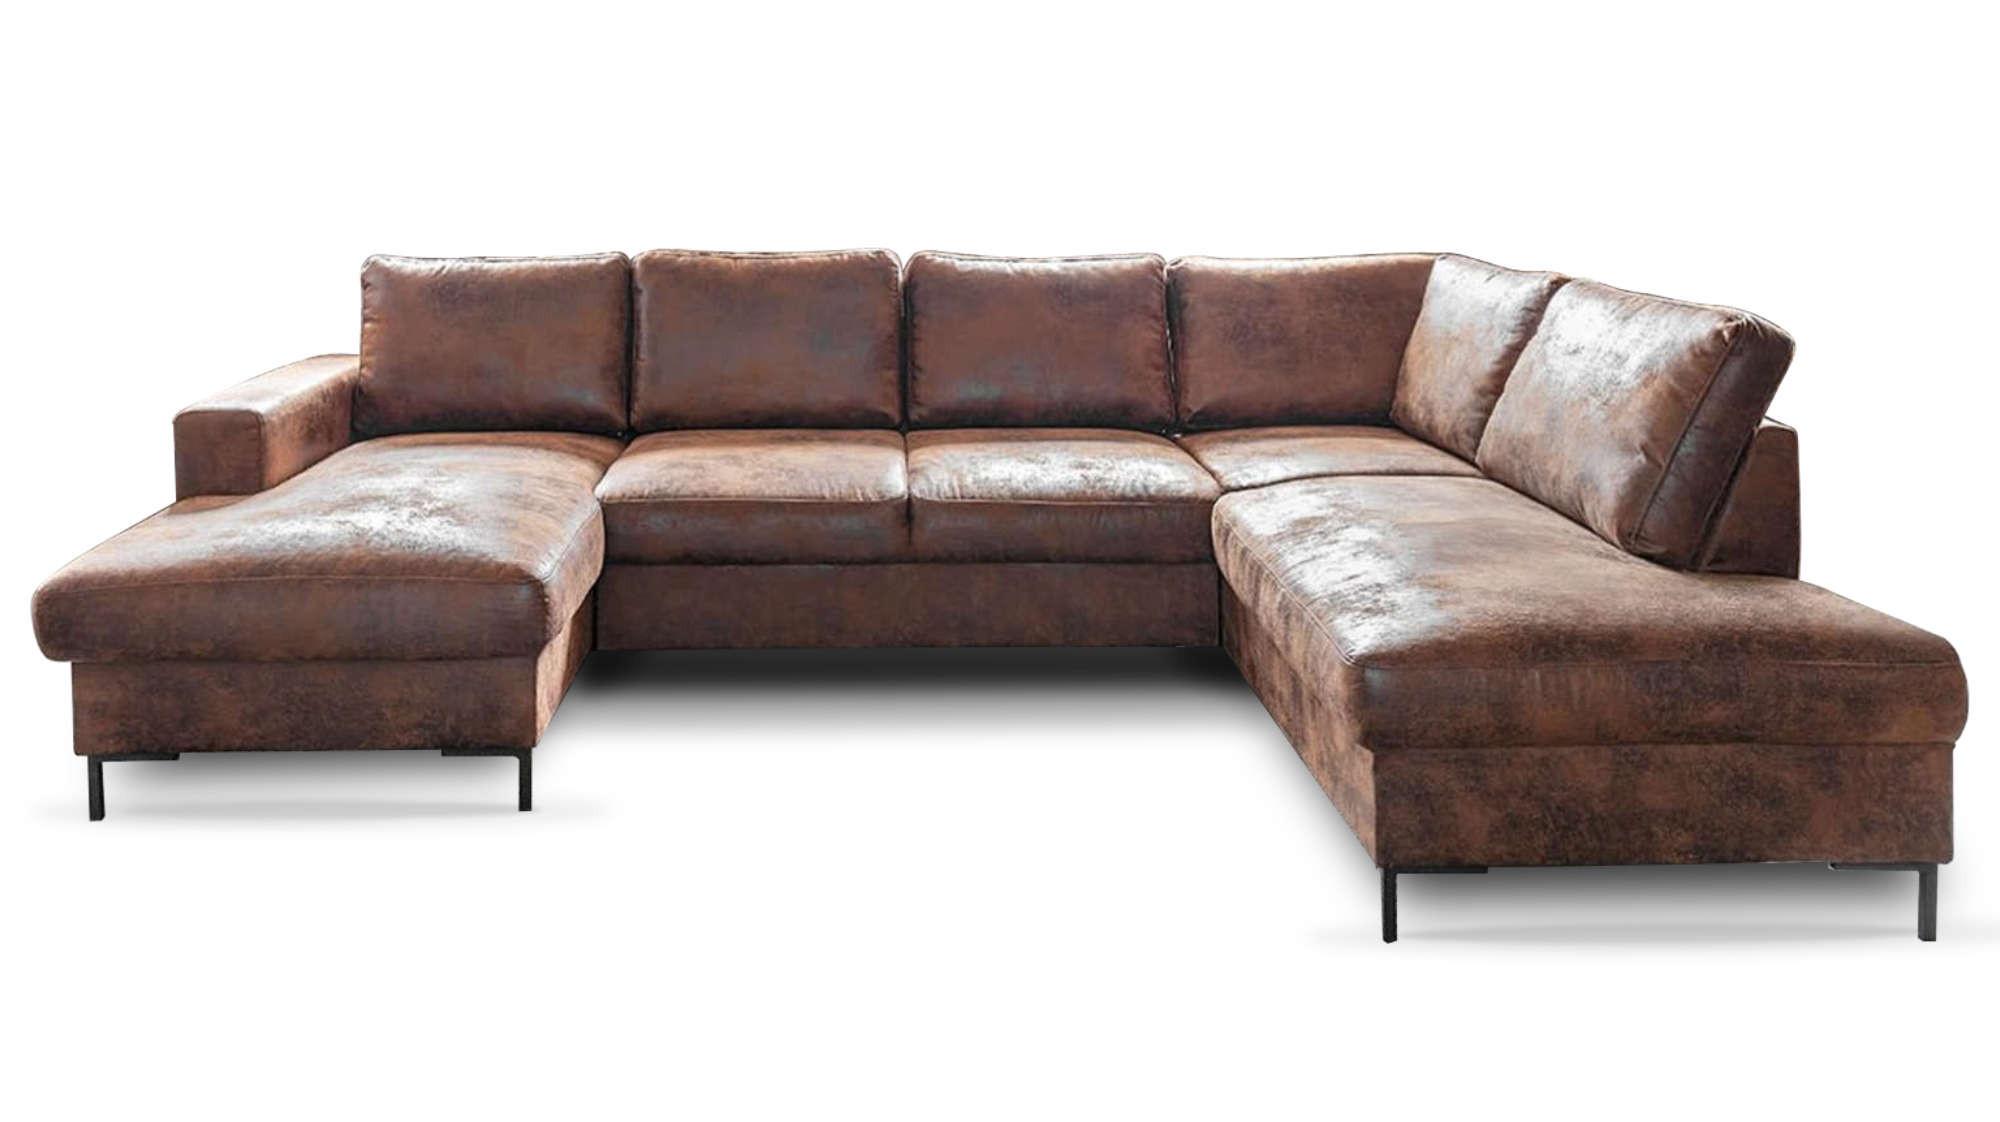 Canapé Dangle Panoramique Bobochic Lilly - Style Vintage Industriel - Angle  Droit intérieur Canapé Convertible Style Industriel